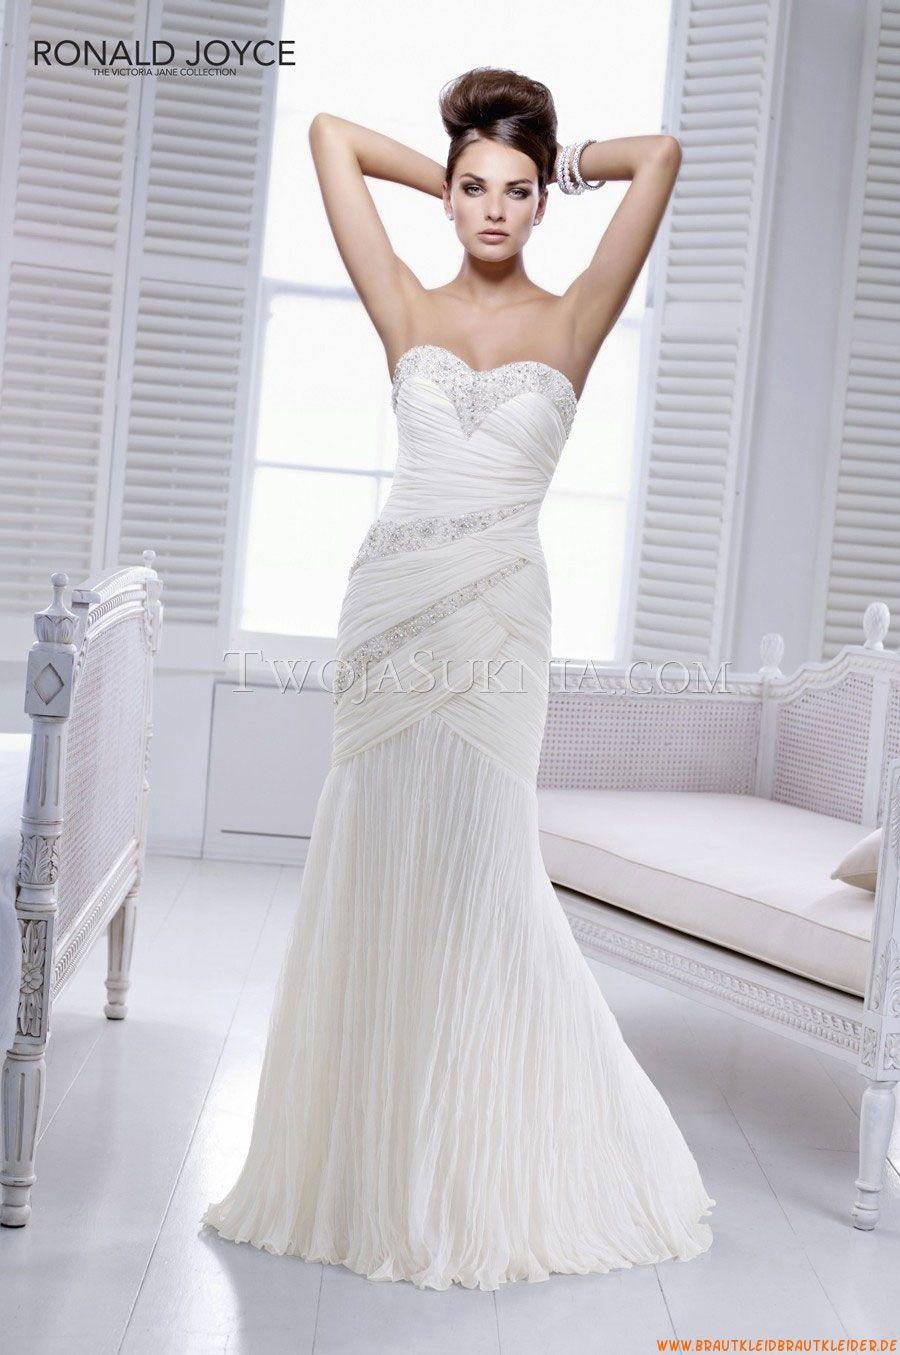 Brautkleider fur mollige stuttgart